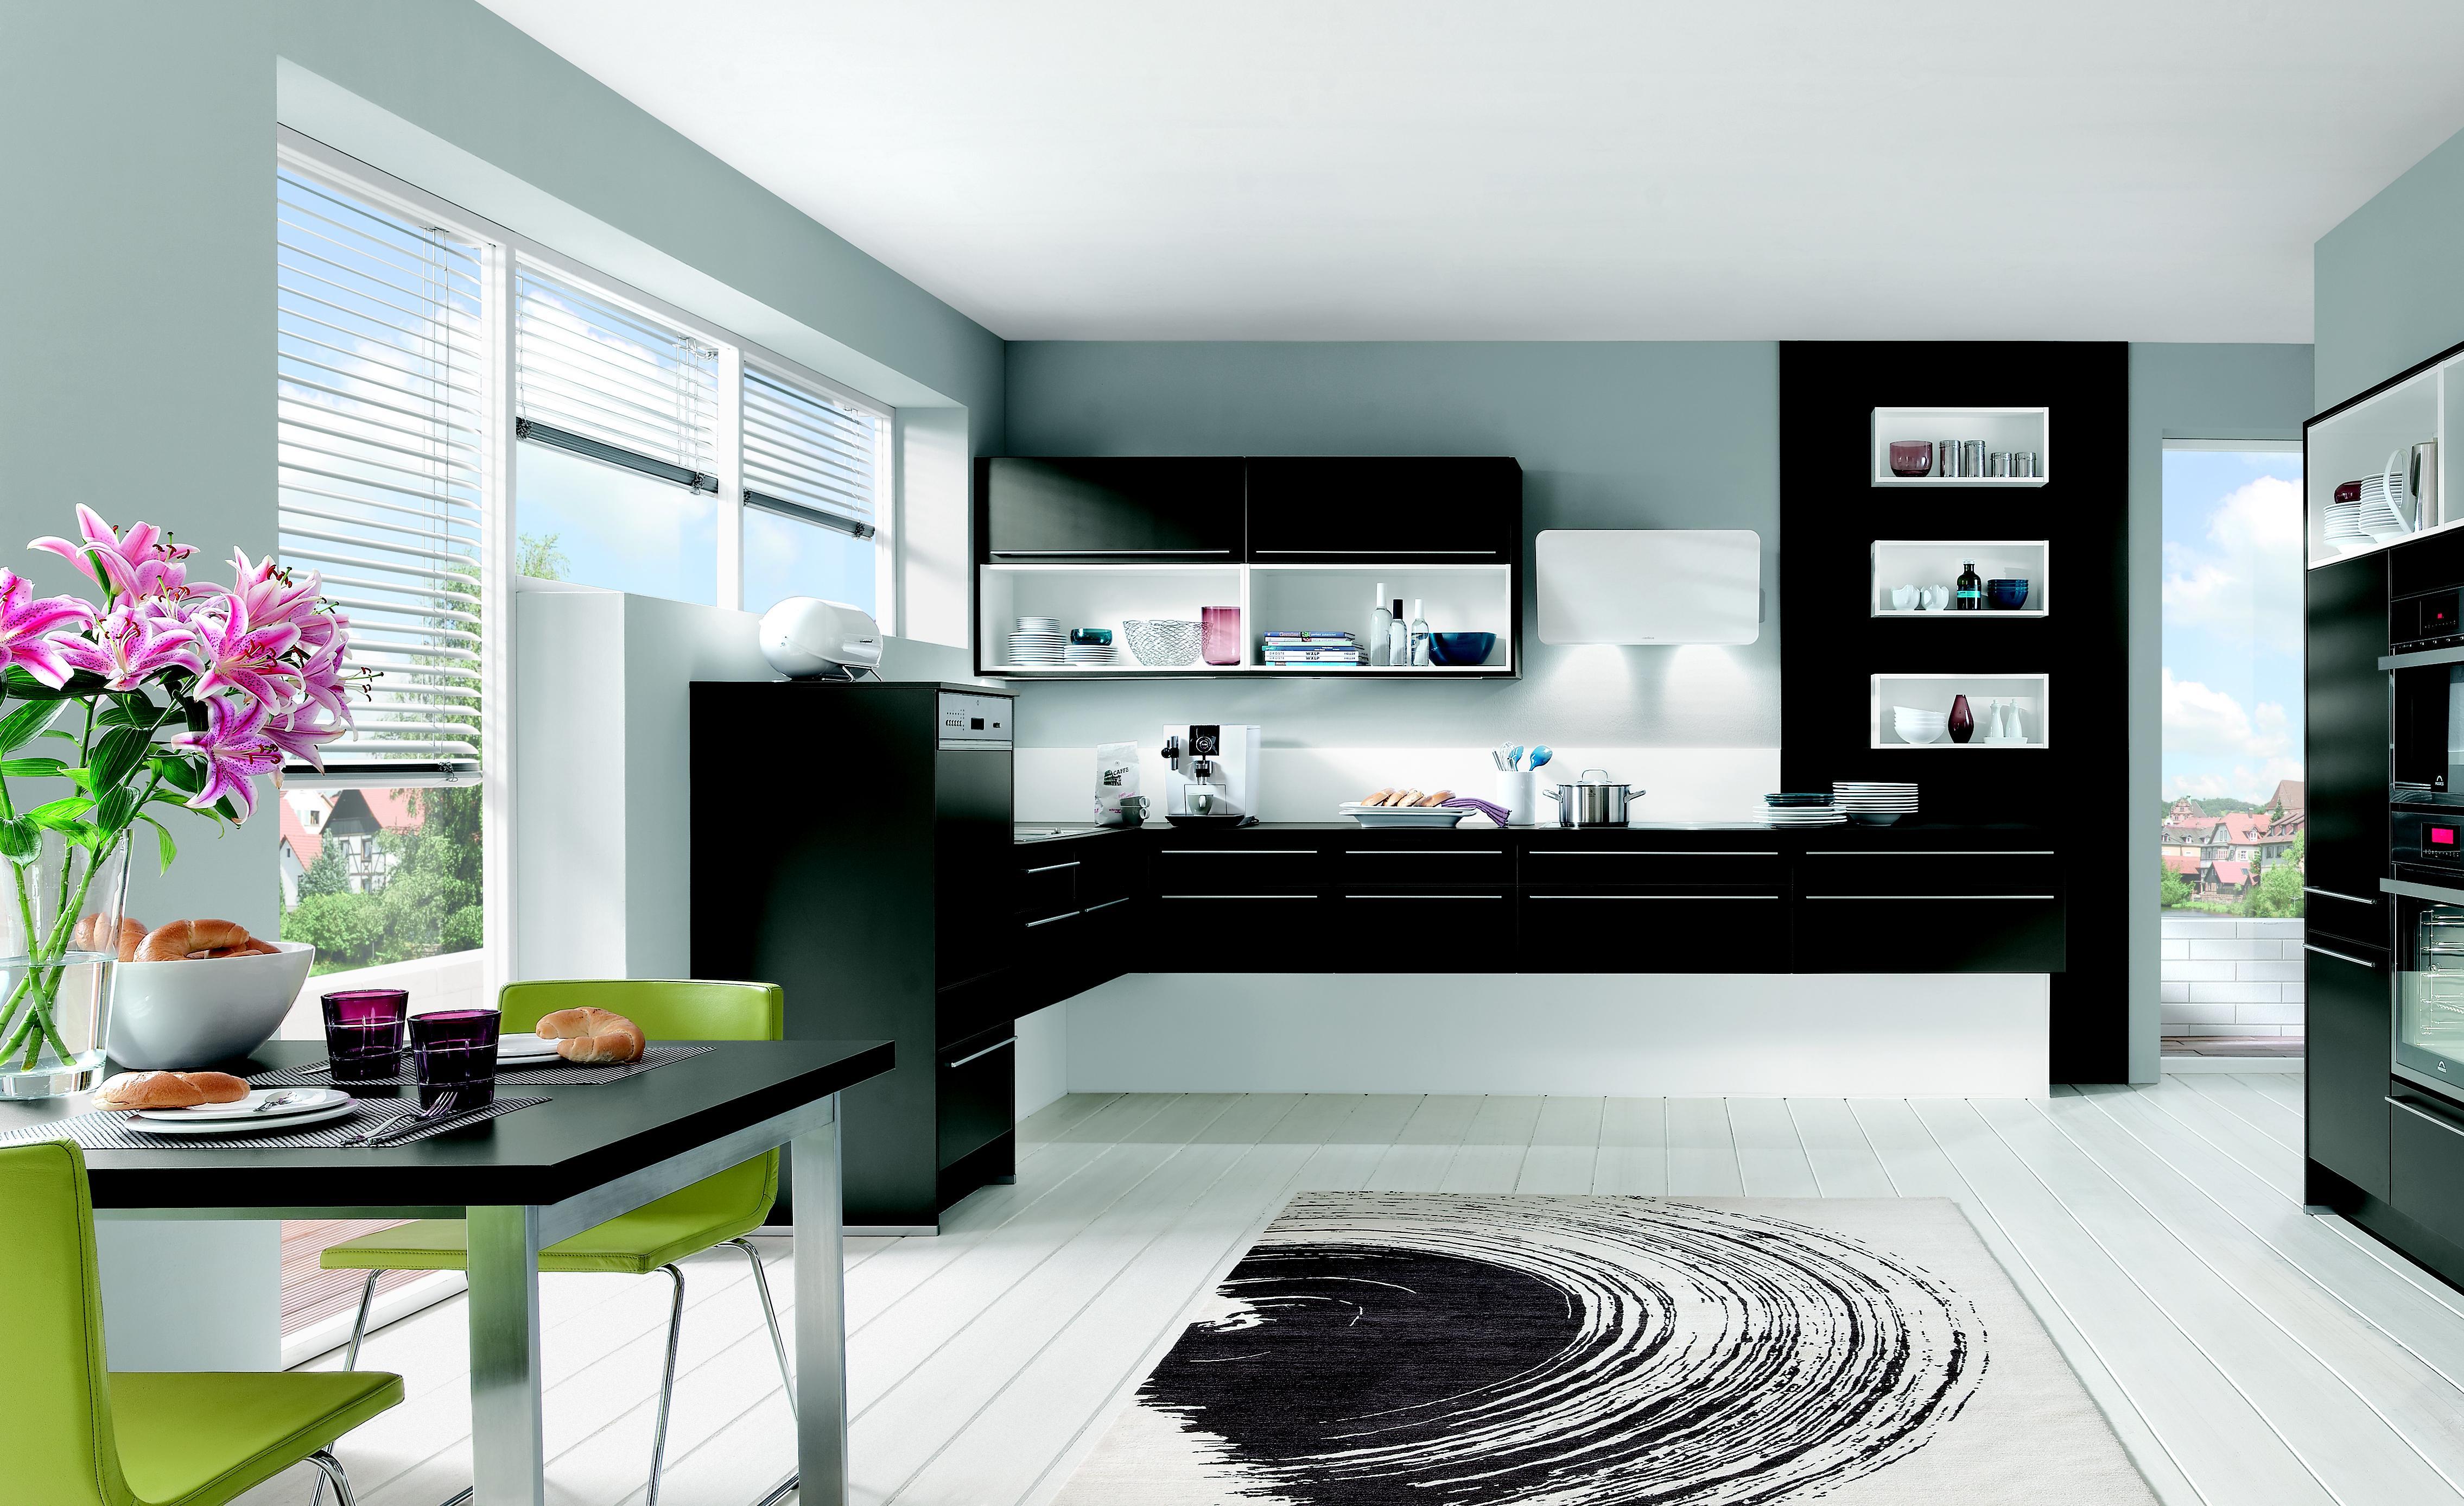 Foto 14 de muebles de ba o y cocina en madrid dise o en - Cocinas de diseno en madrid ...